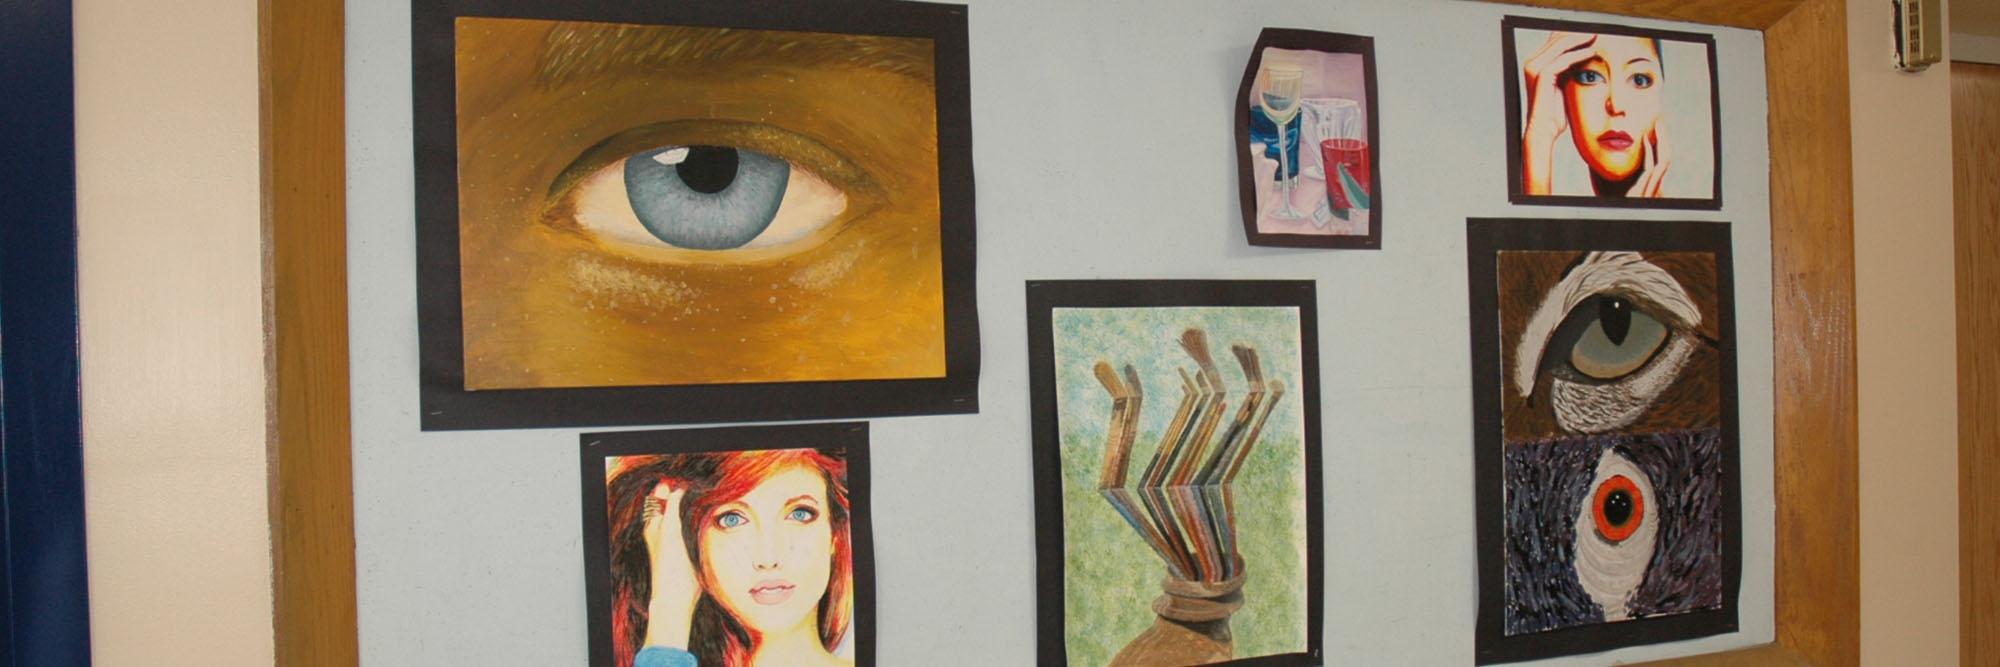 24-Artwork